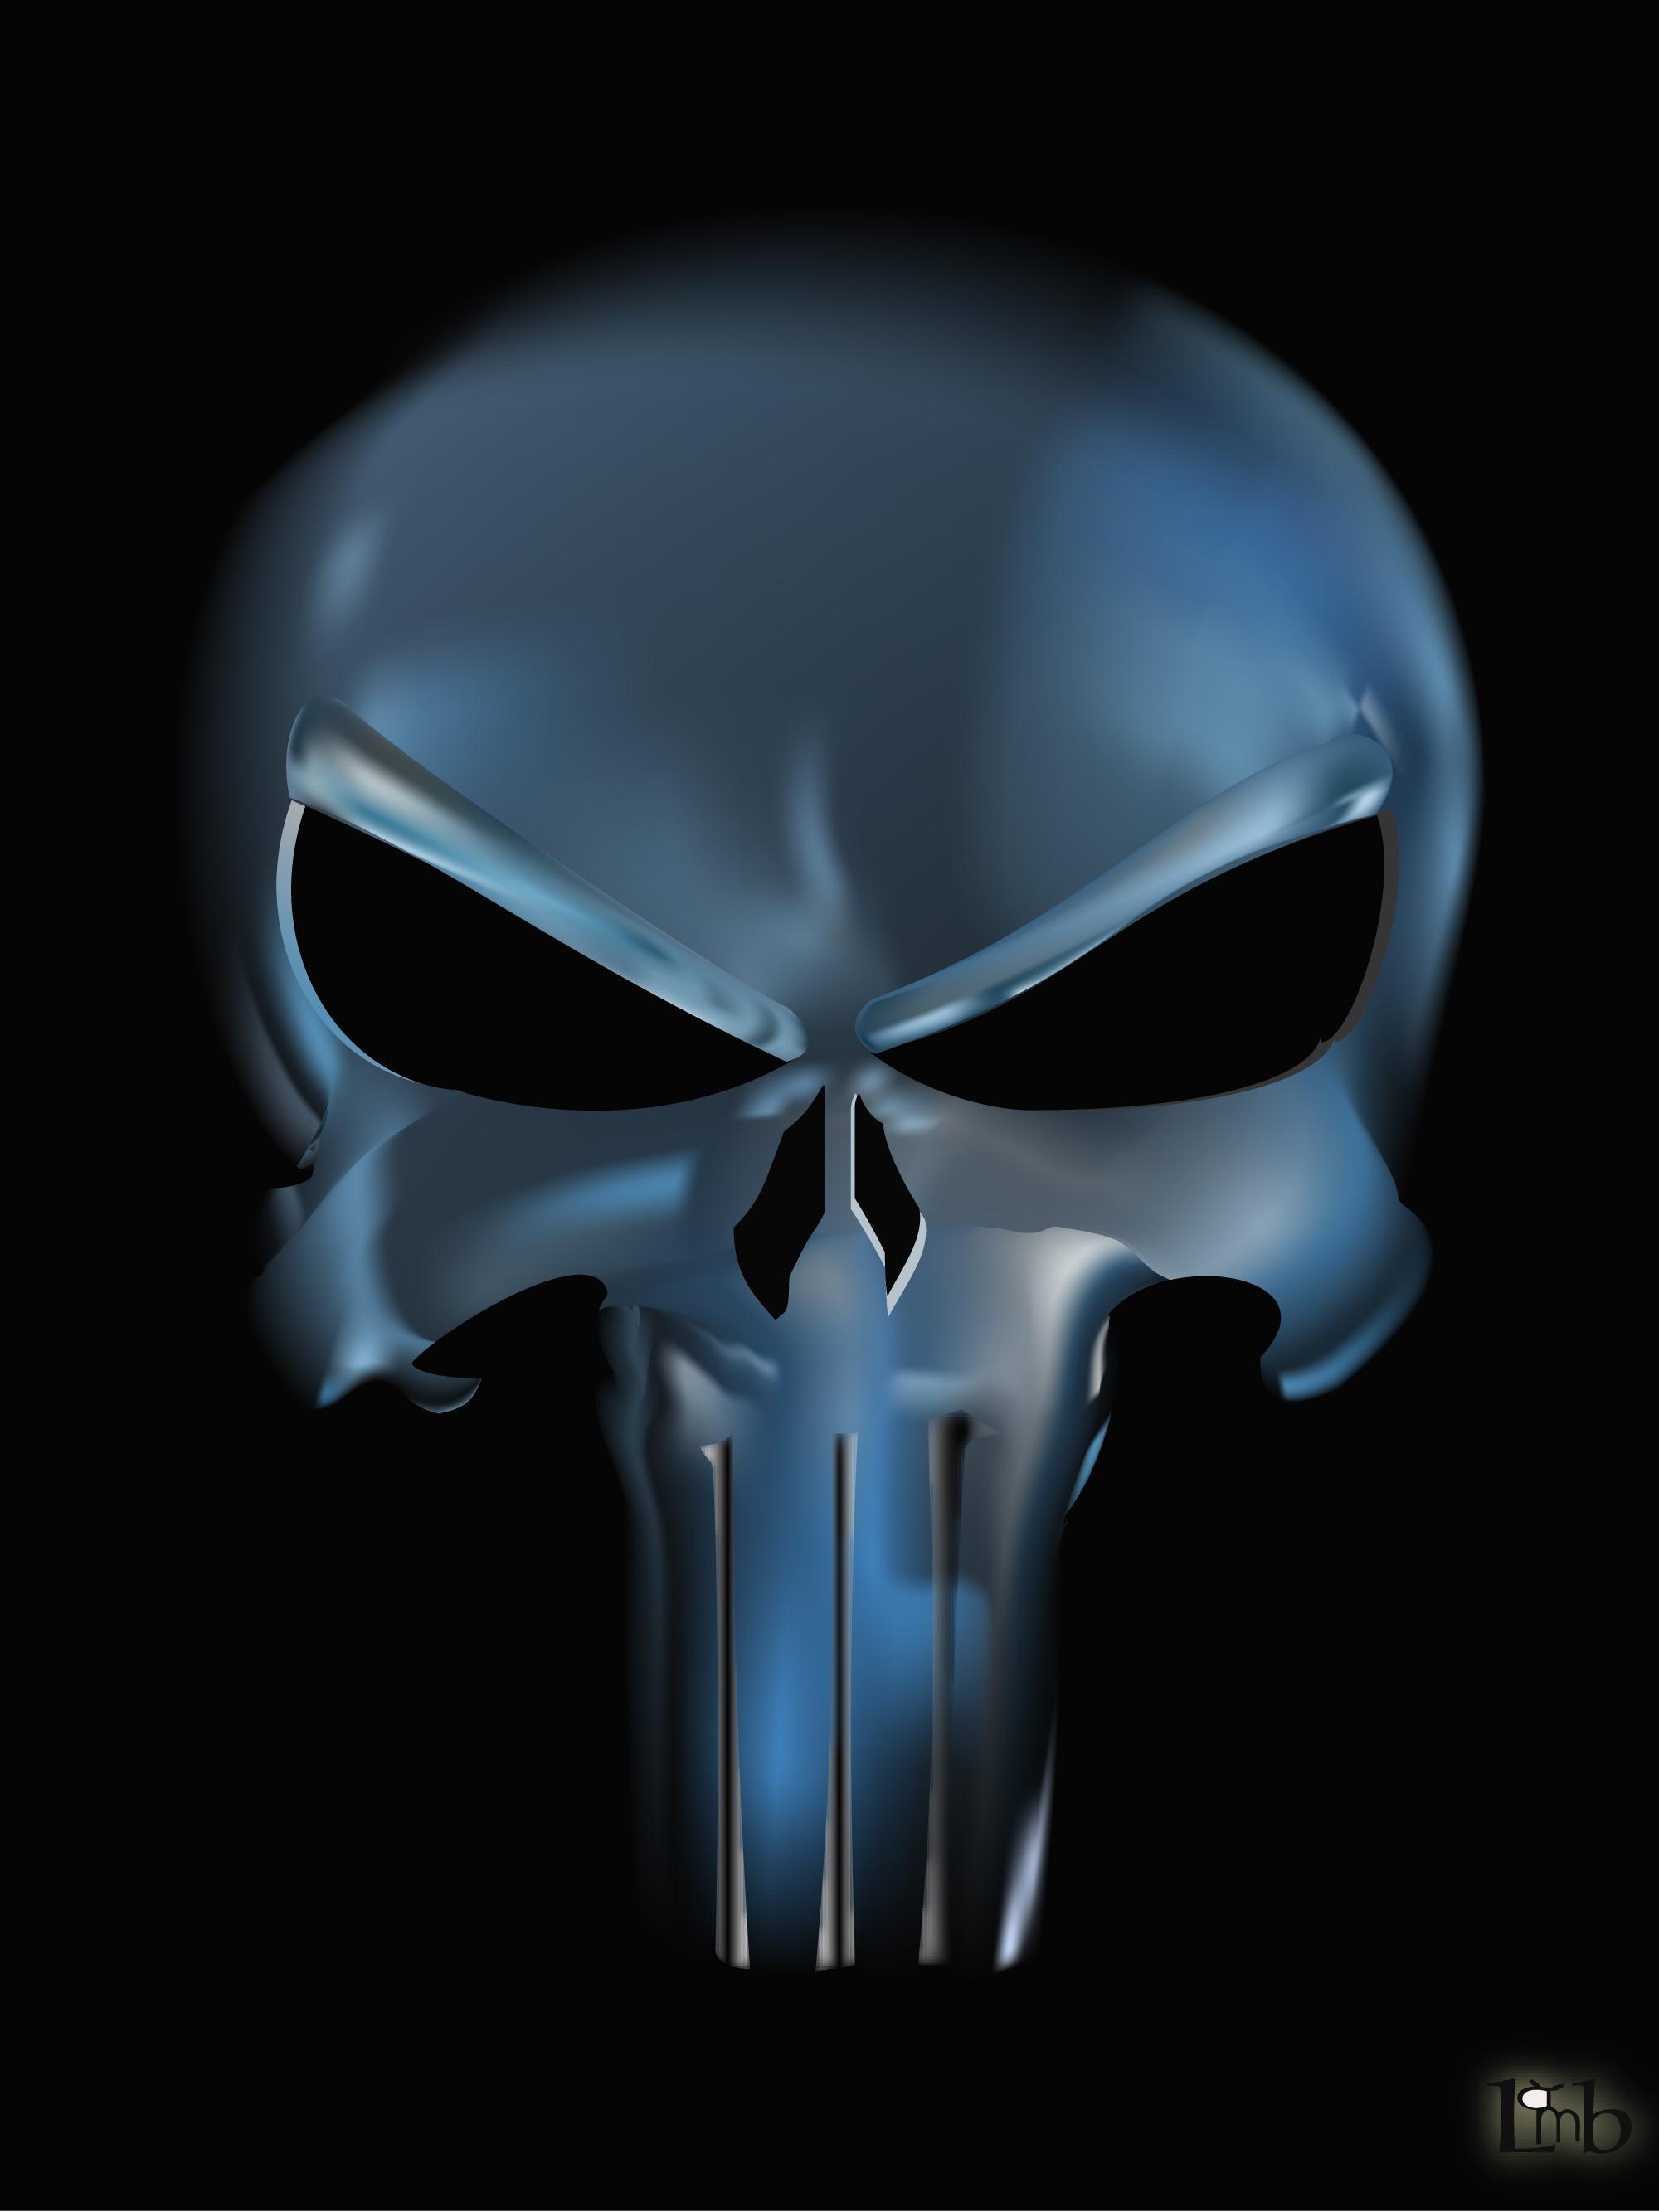 The Punisher Logo Wallpaper - WallpaperSafari